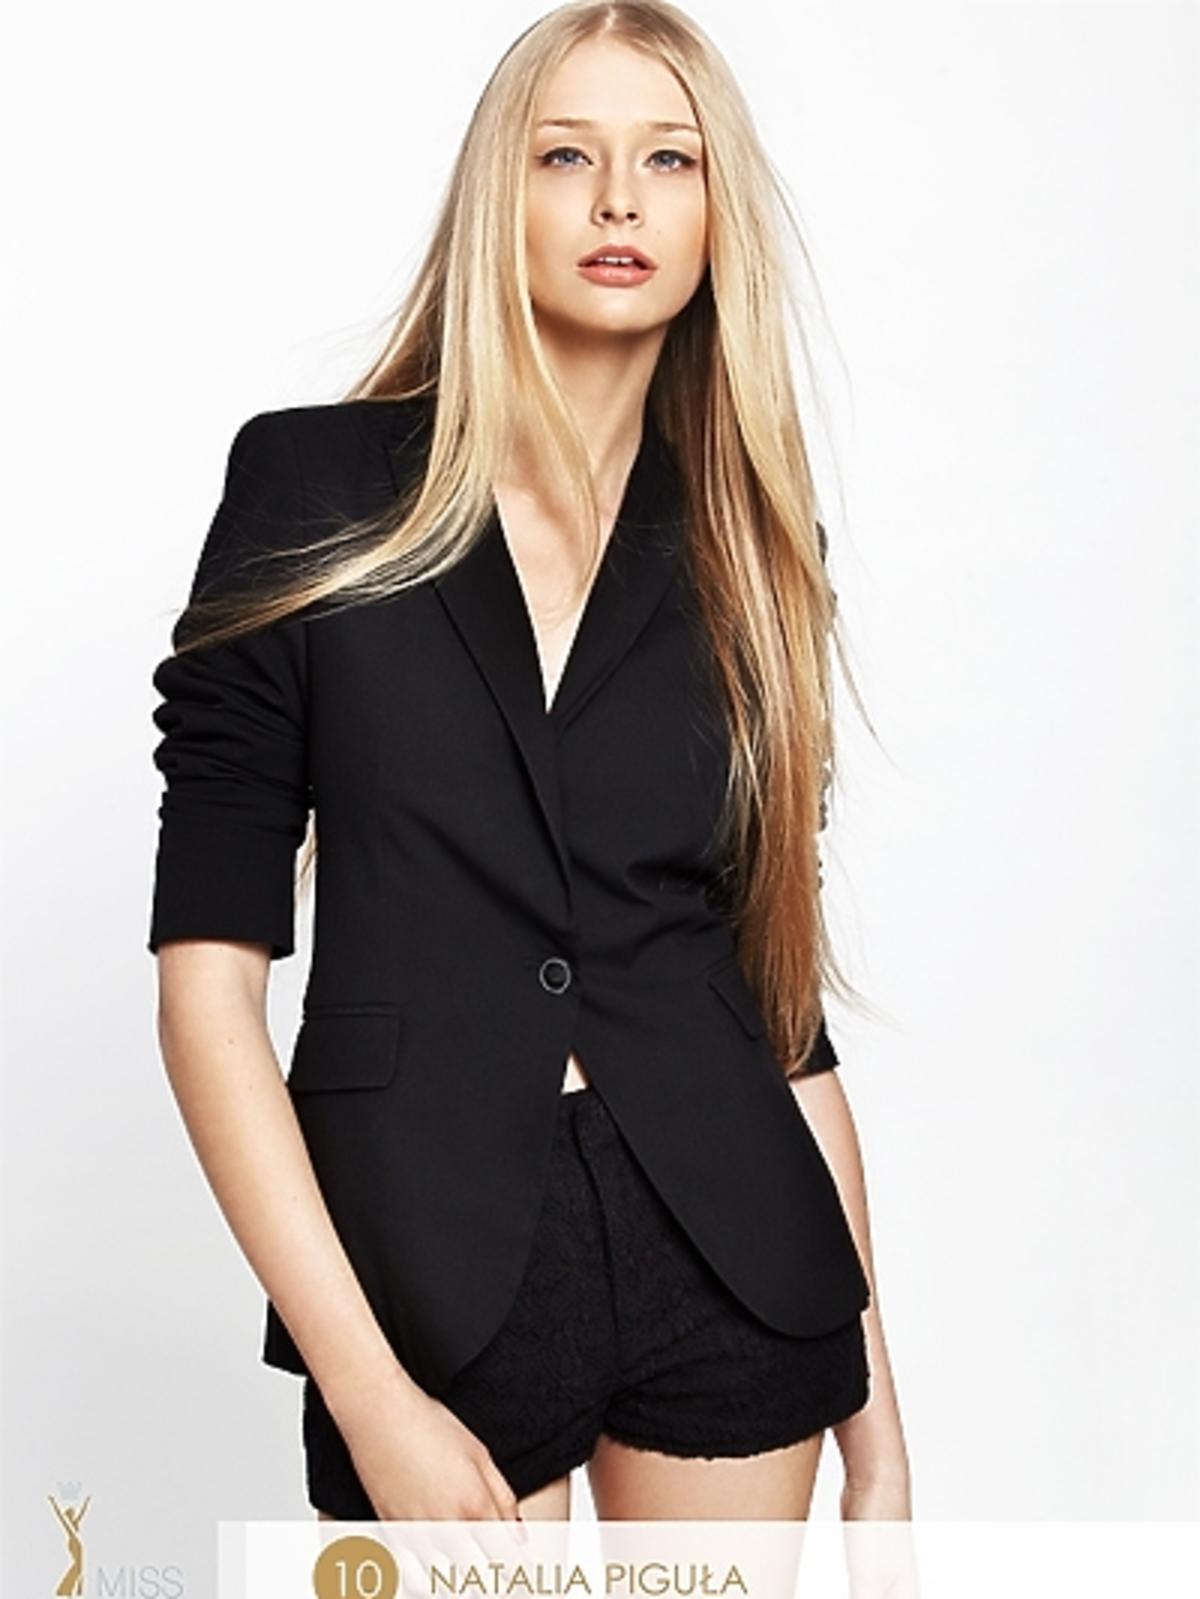 Natalia Piguła - kandydatka do tytułu Miss Polonia 2012